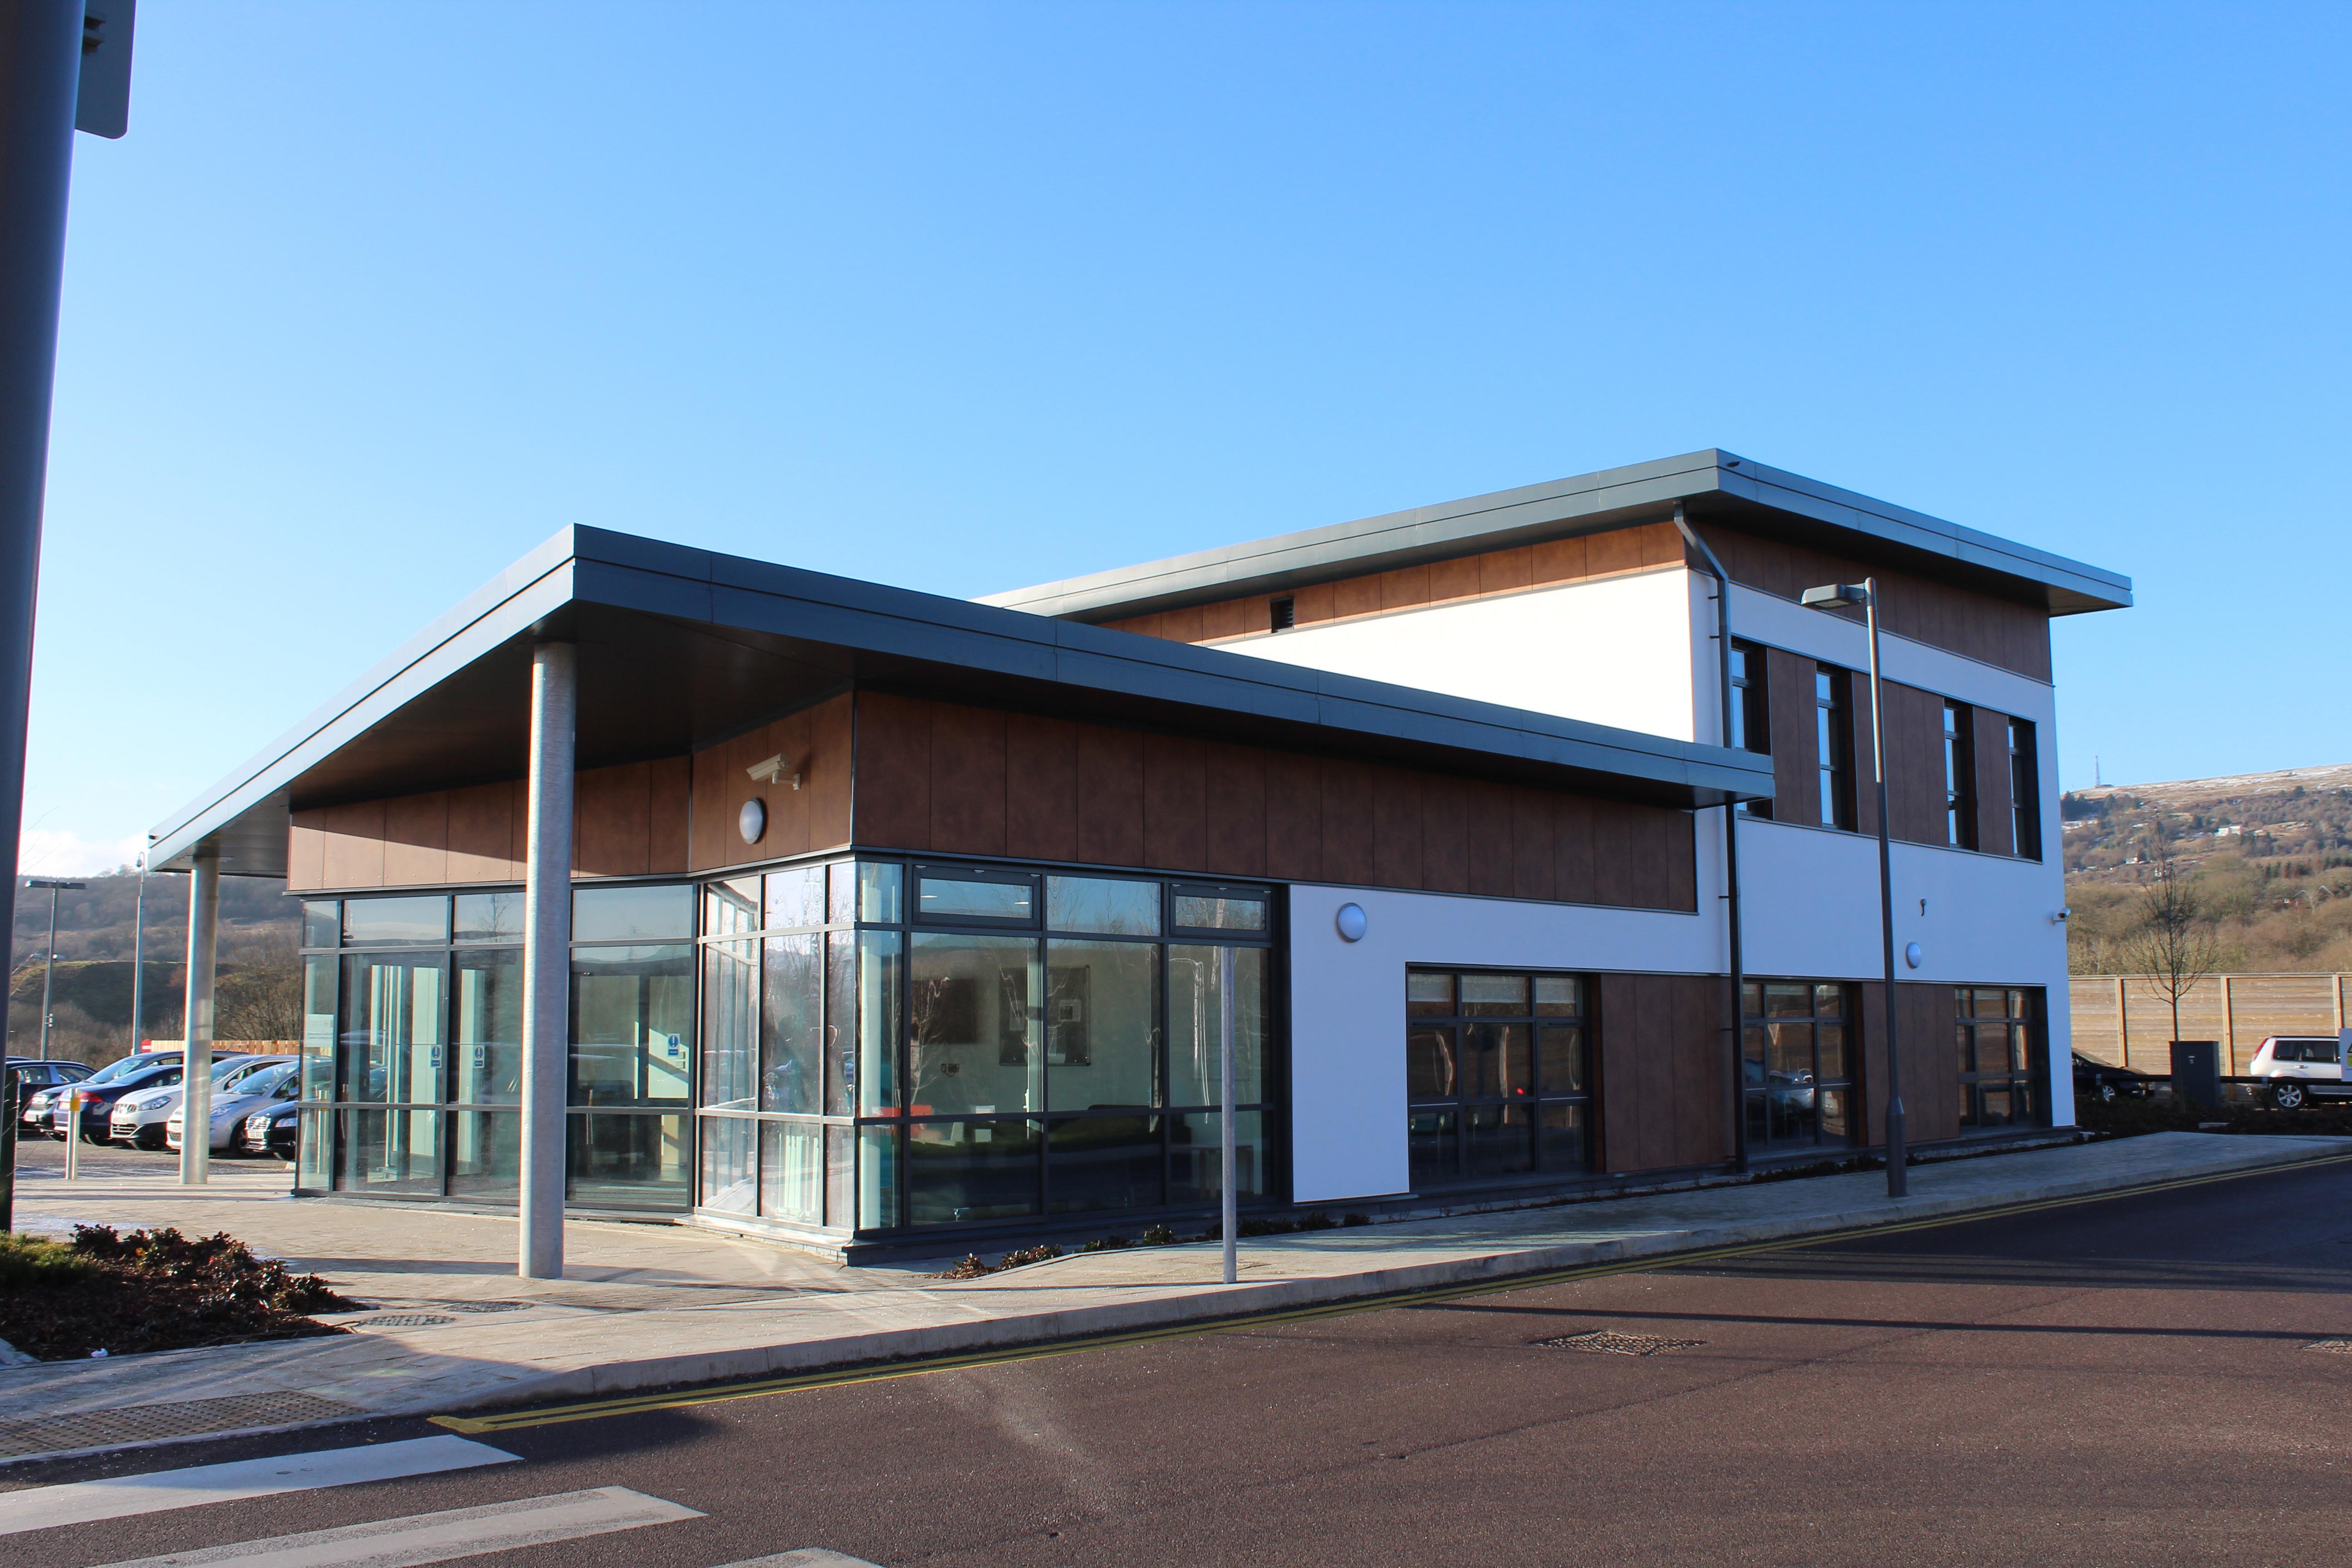 Keir Hardie Medical Education Centre